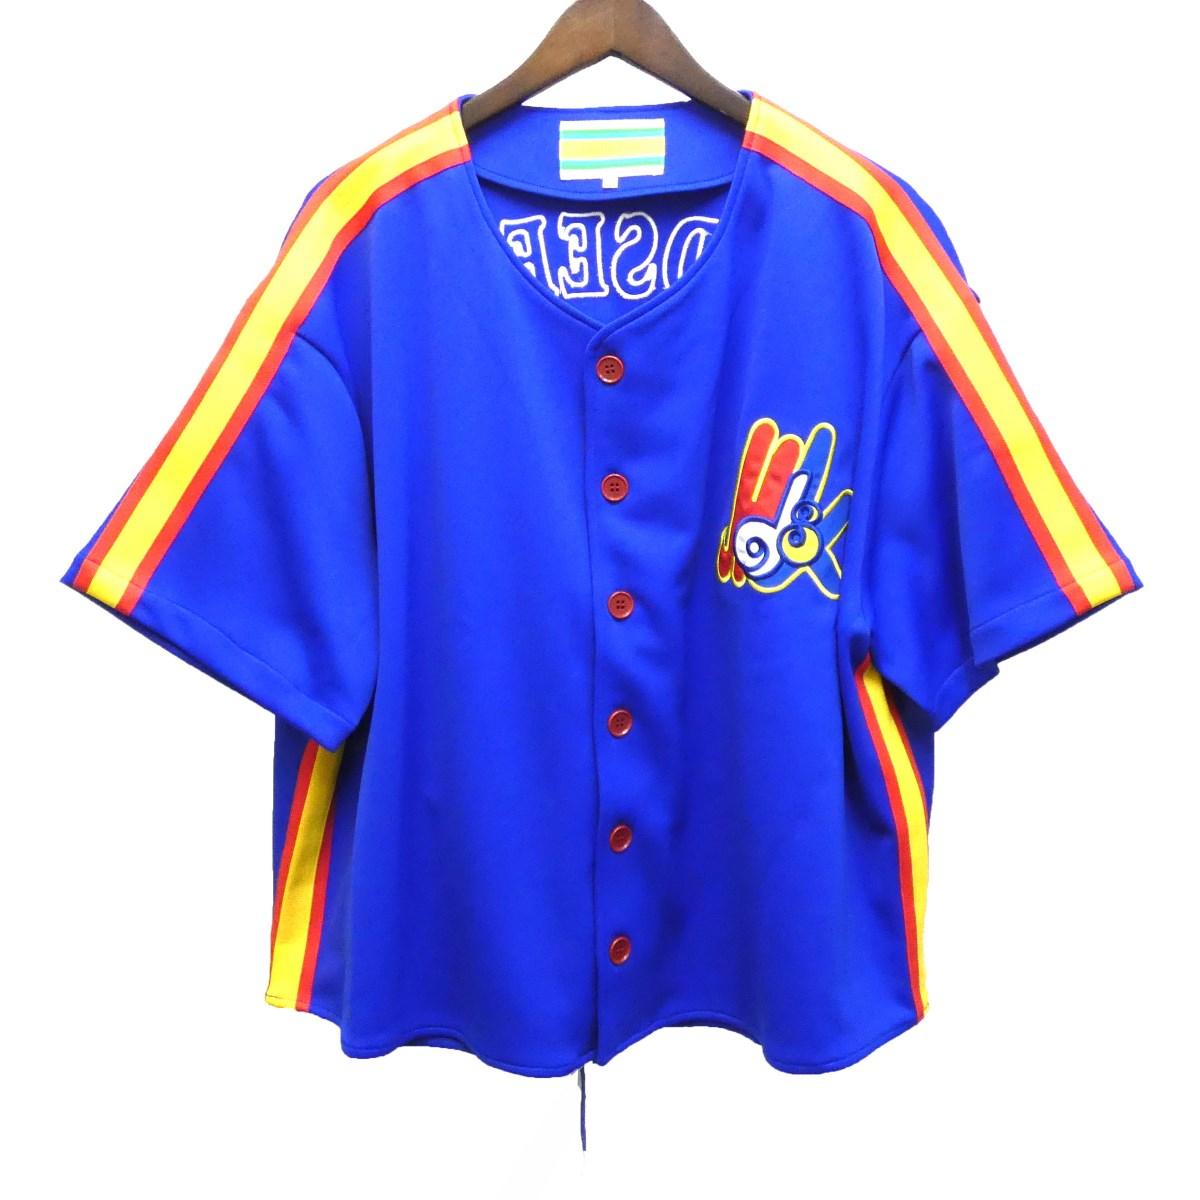 【中古】MINDSEEKER18SS ベースボールシャツ ブルー サイズ:S